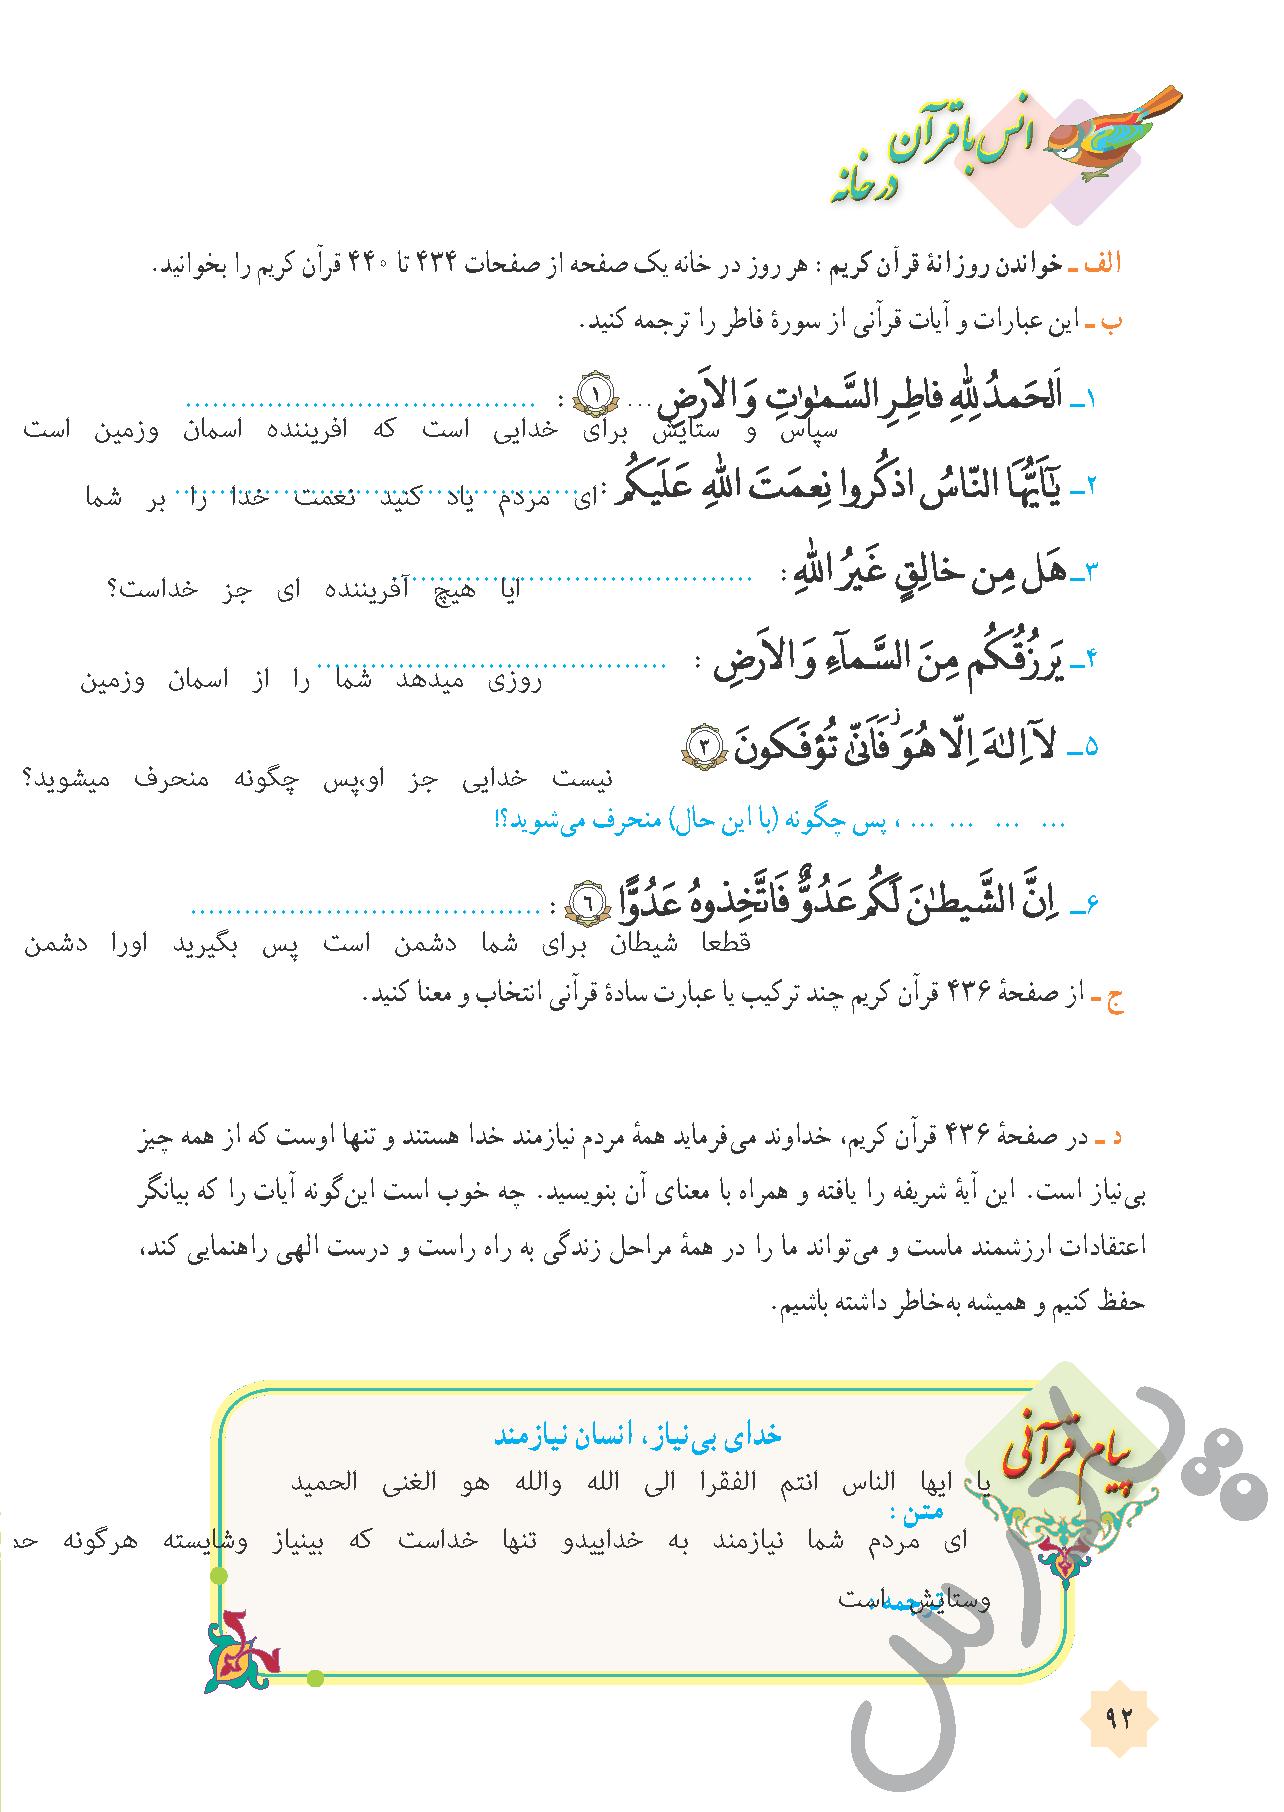 جواب انس با قرآن درس 9 قرآن هشتم -جلسه دوم